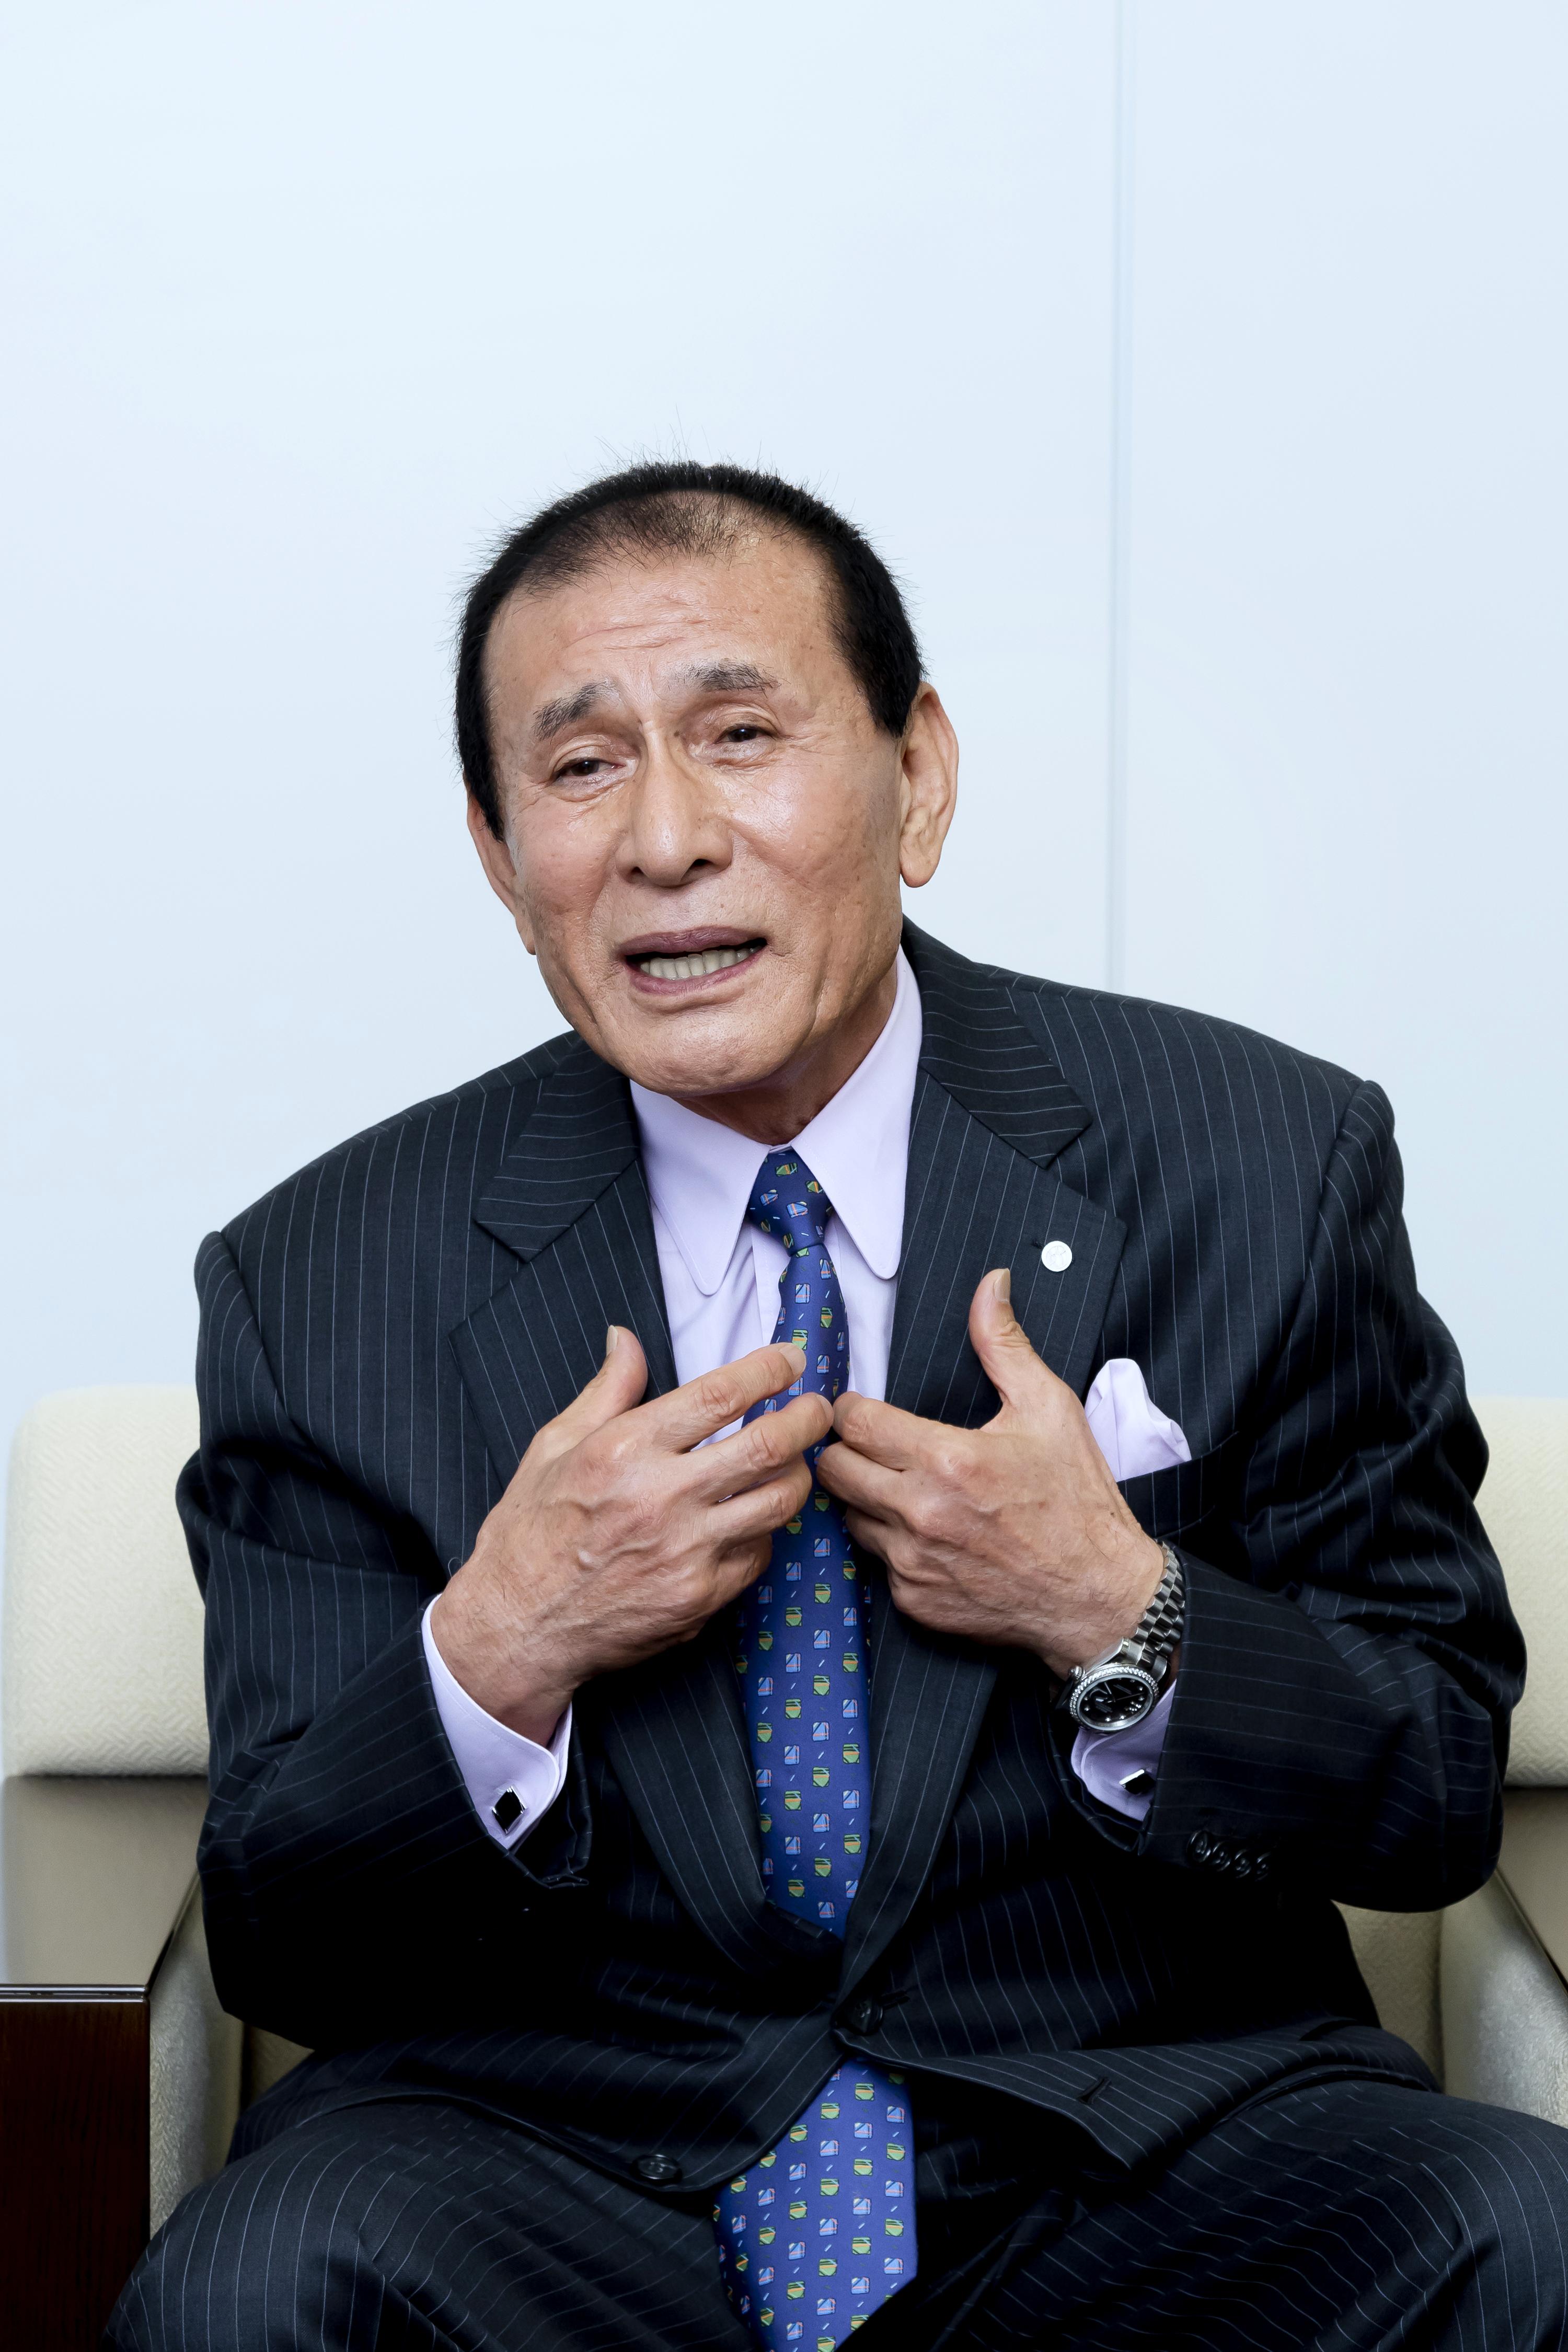 FM岡山「ドリームファクトリー」に、コンケングループ代表 近藤義が出演いたします。